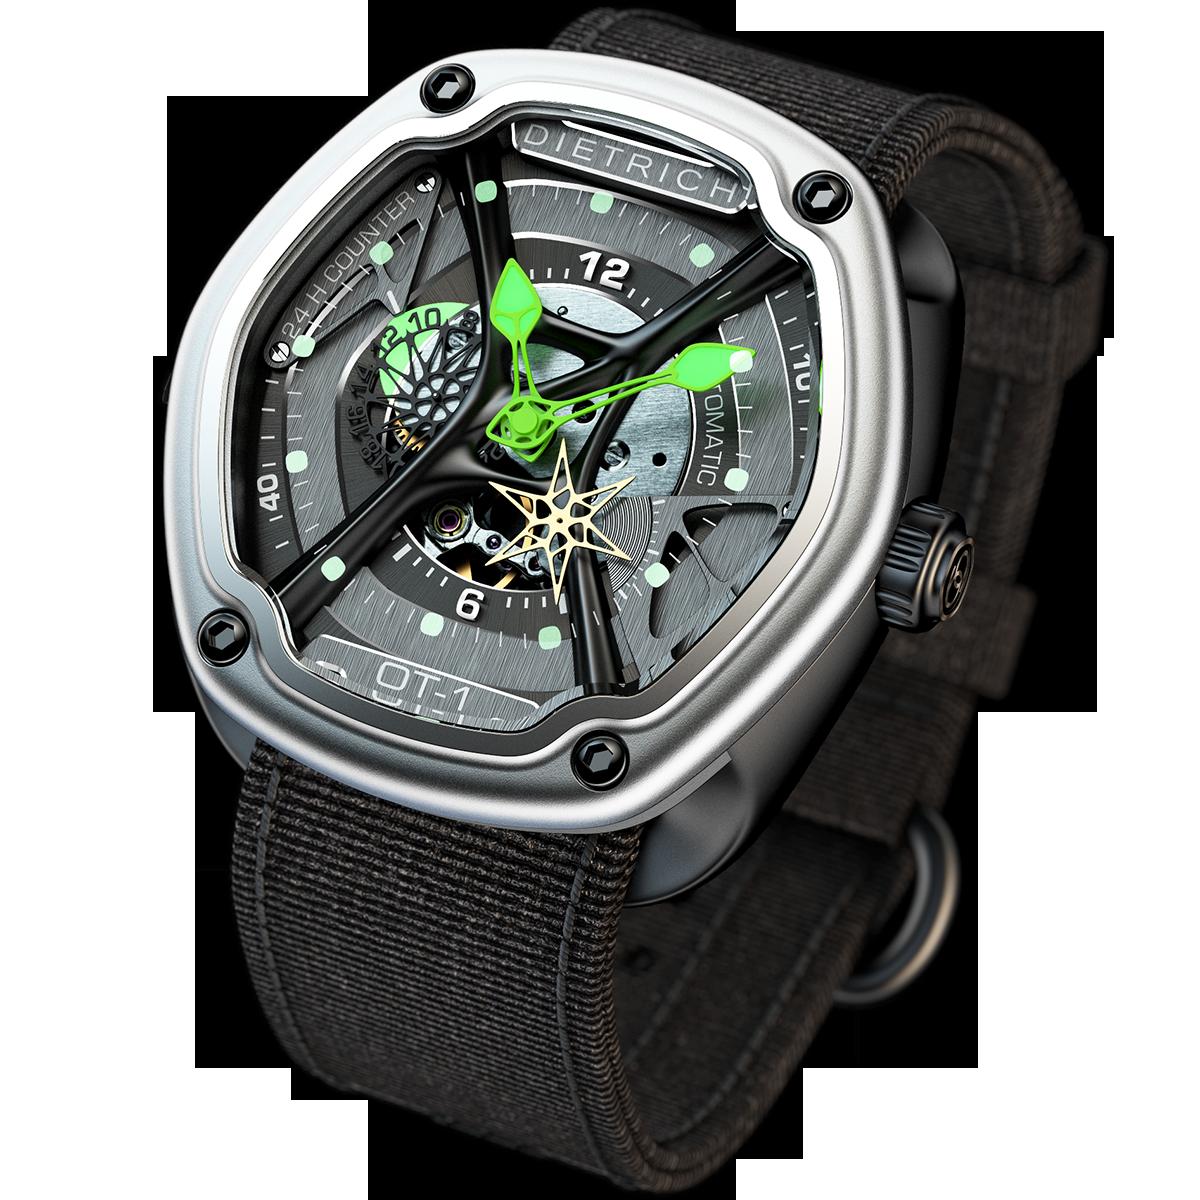 Дизайнерские часы Dietrich 1969